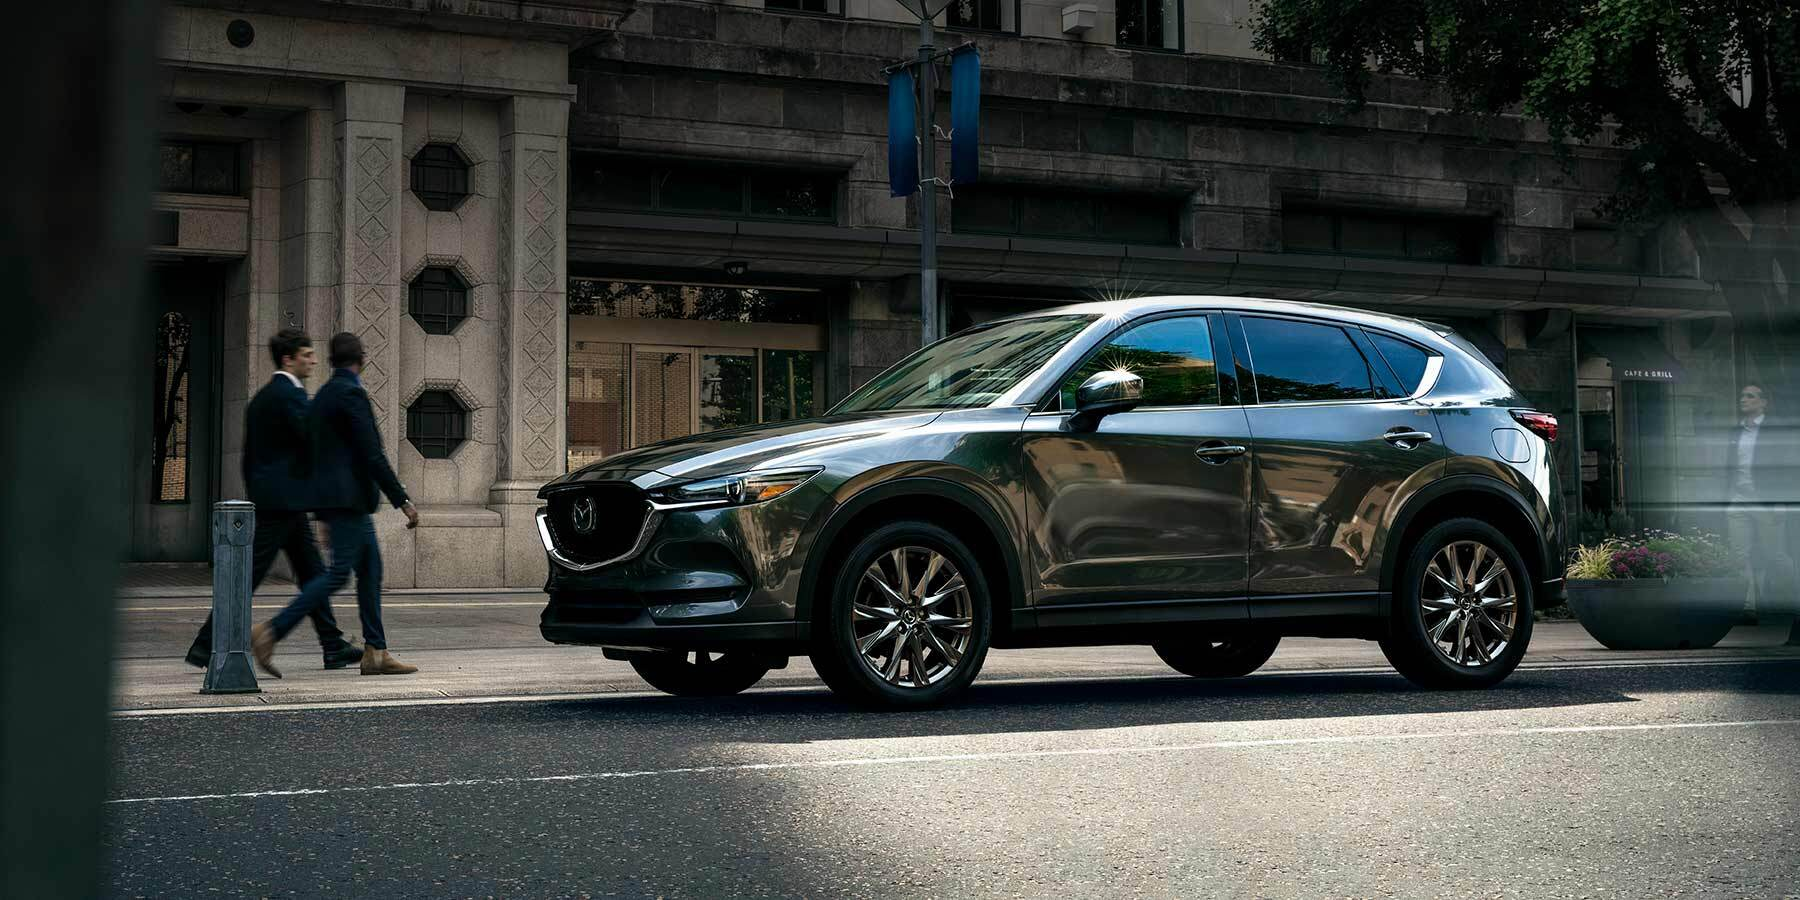 2019 Mazda CX-5 parked on a city street